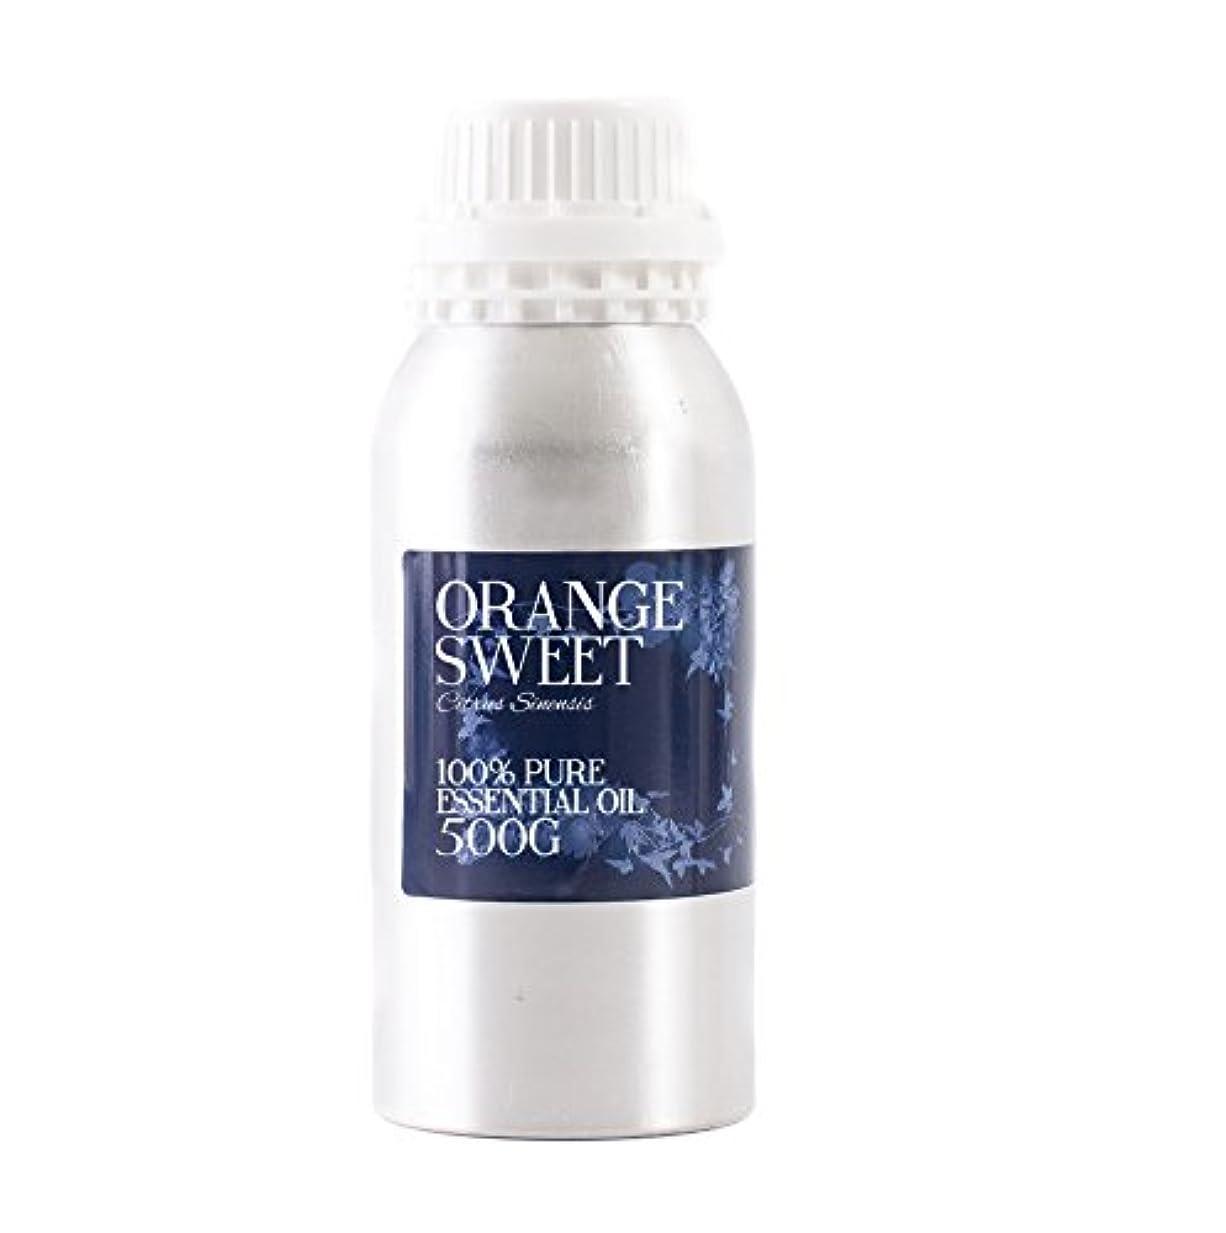 とても形容詞行うMystic Moments | Orange Sweet Essential Oil - 500g - 100% Pure